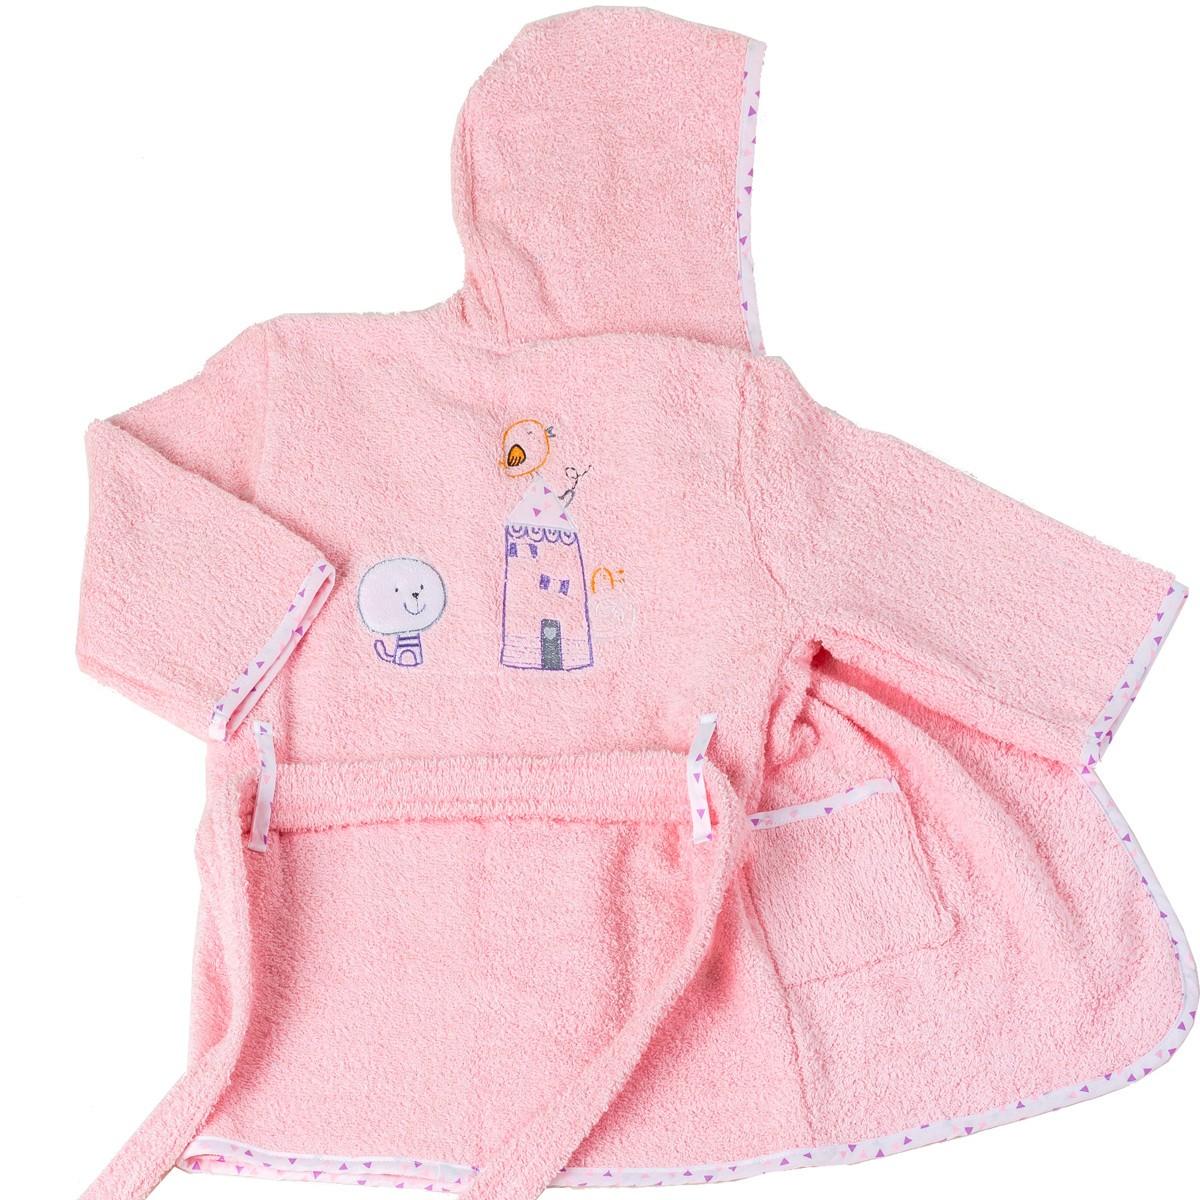 Παιδικό Μπουρνούζι Κόσμος Του Μωρού Home 4100 Ροζ Νο6 Νο6